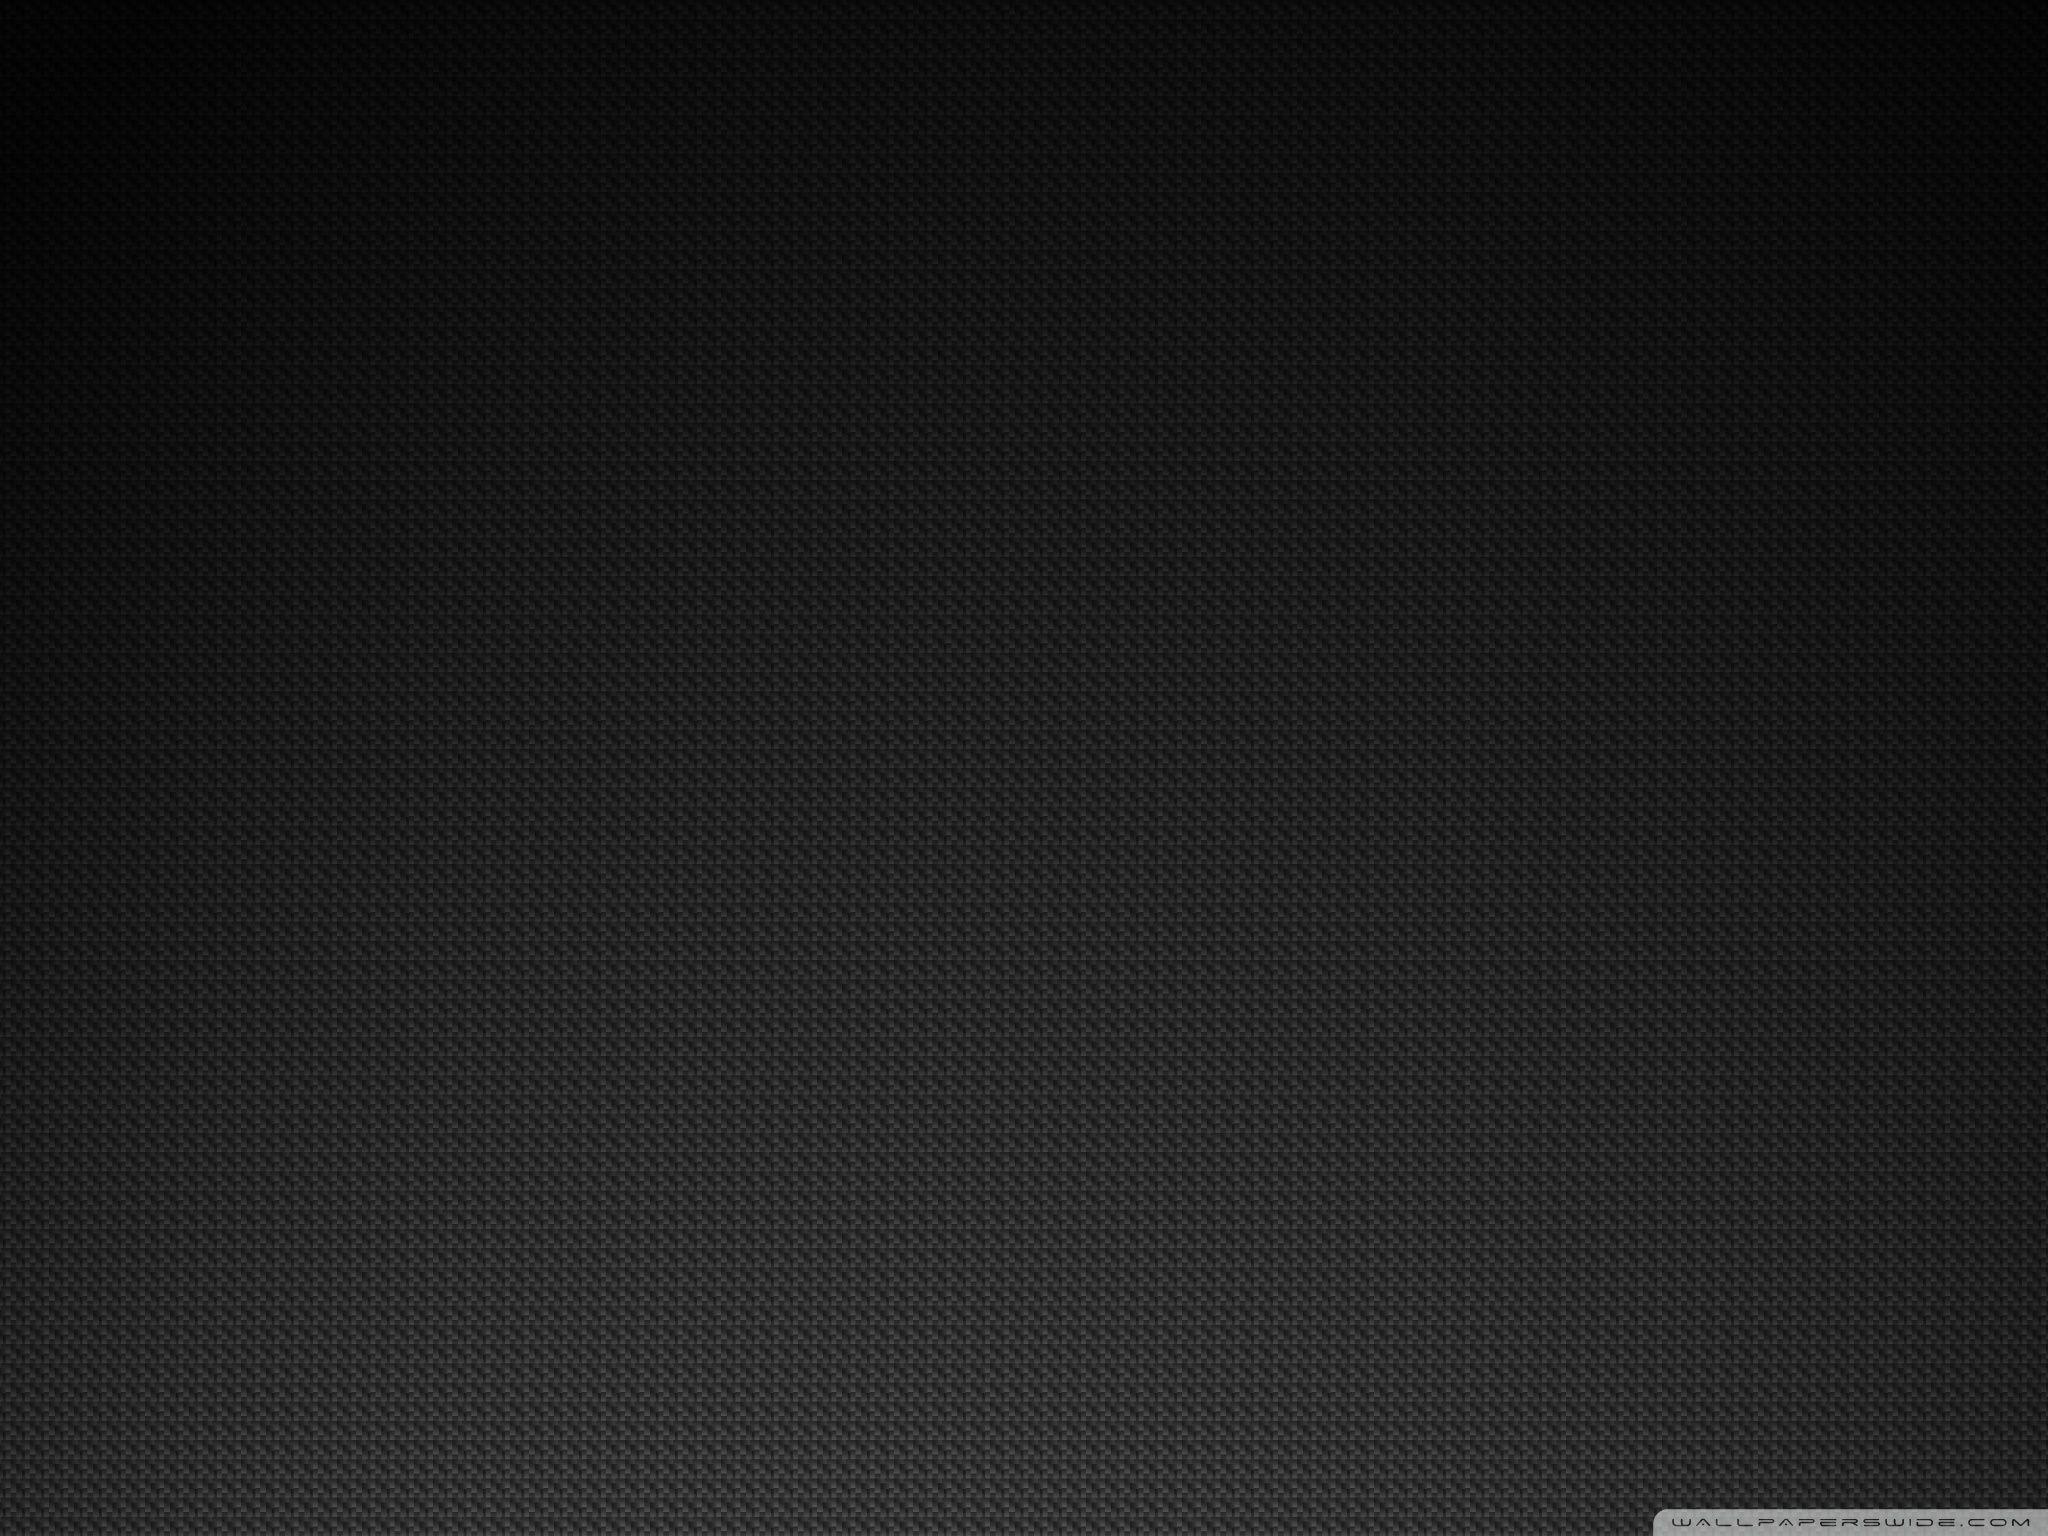 Carbon Fiber Background HD desktop wallpaper High